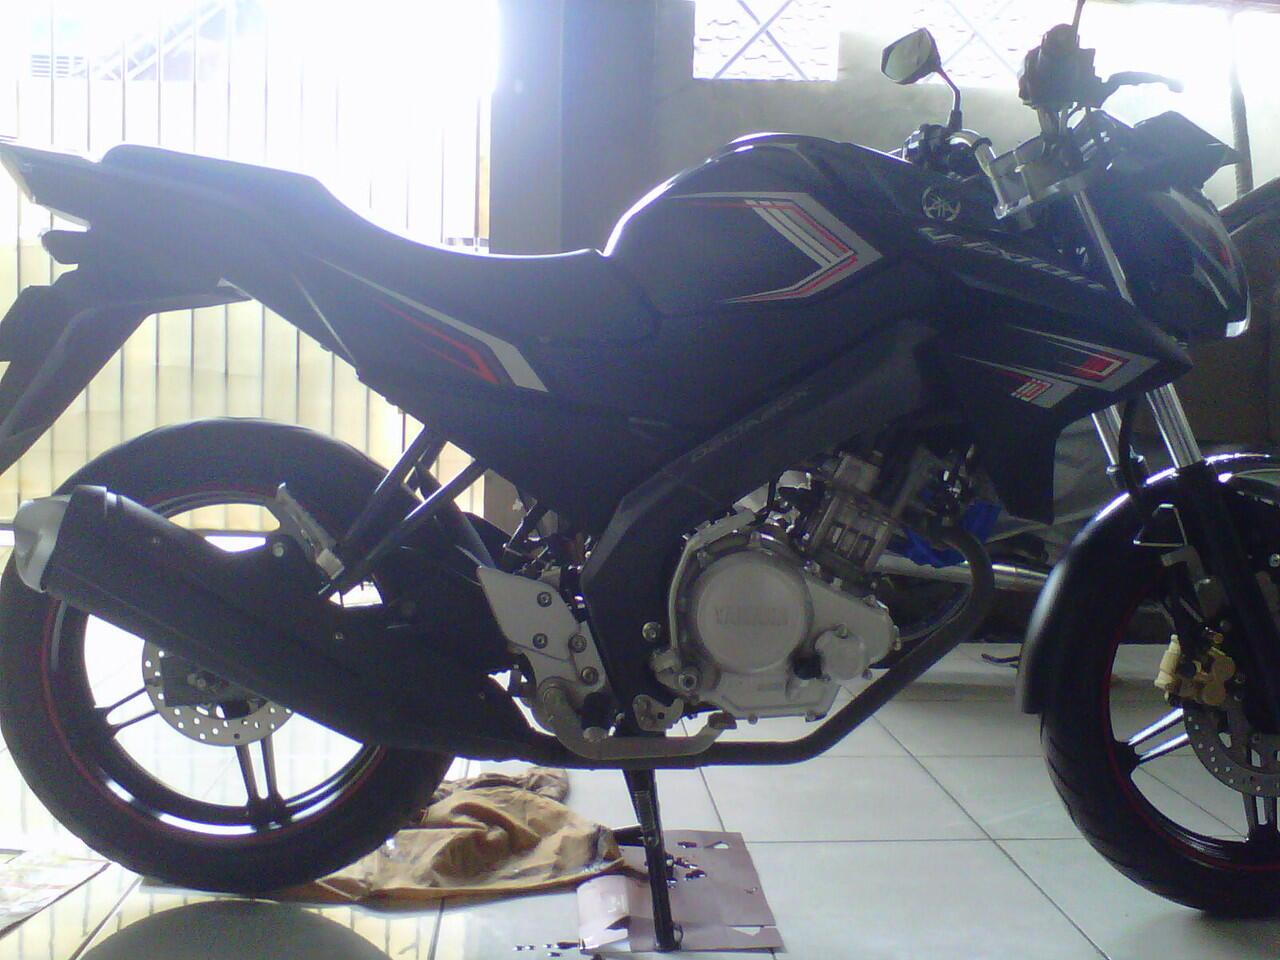 Di jual New Vixion 2013 Pajak Baru,Atas nama sendiri,Surabaya